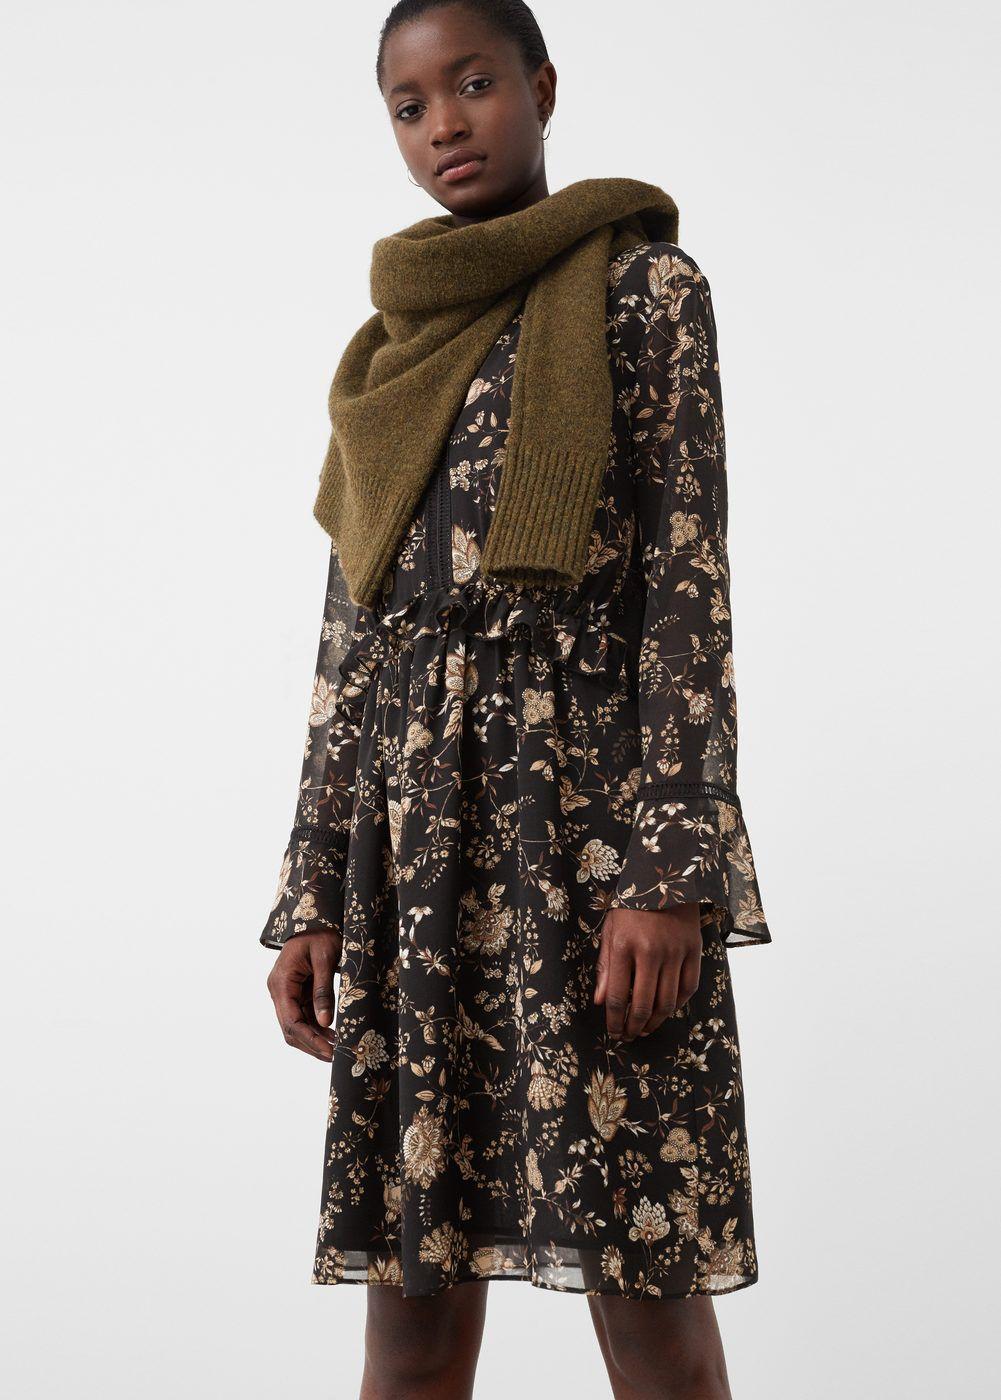 Fließendes print-kleid - Damen | Pinterest